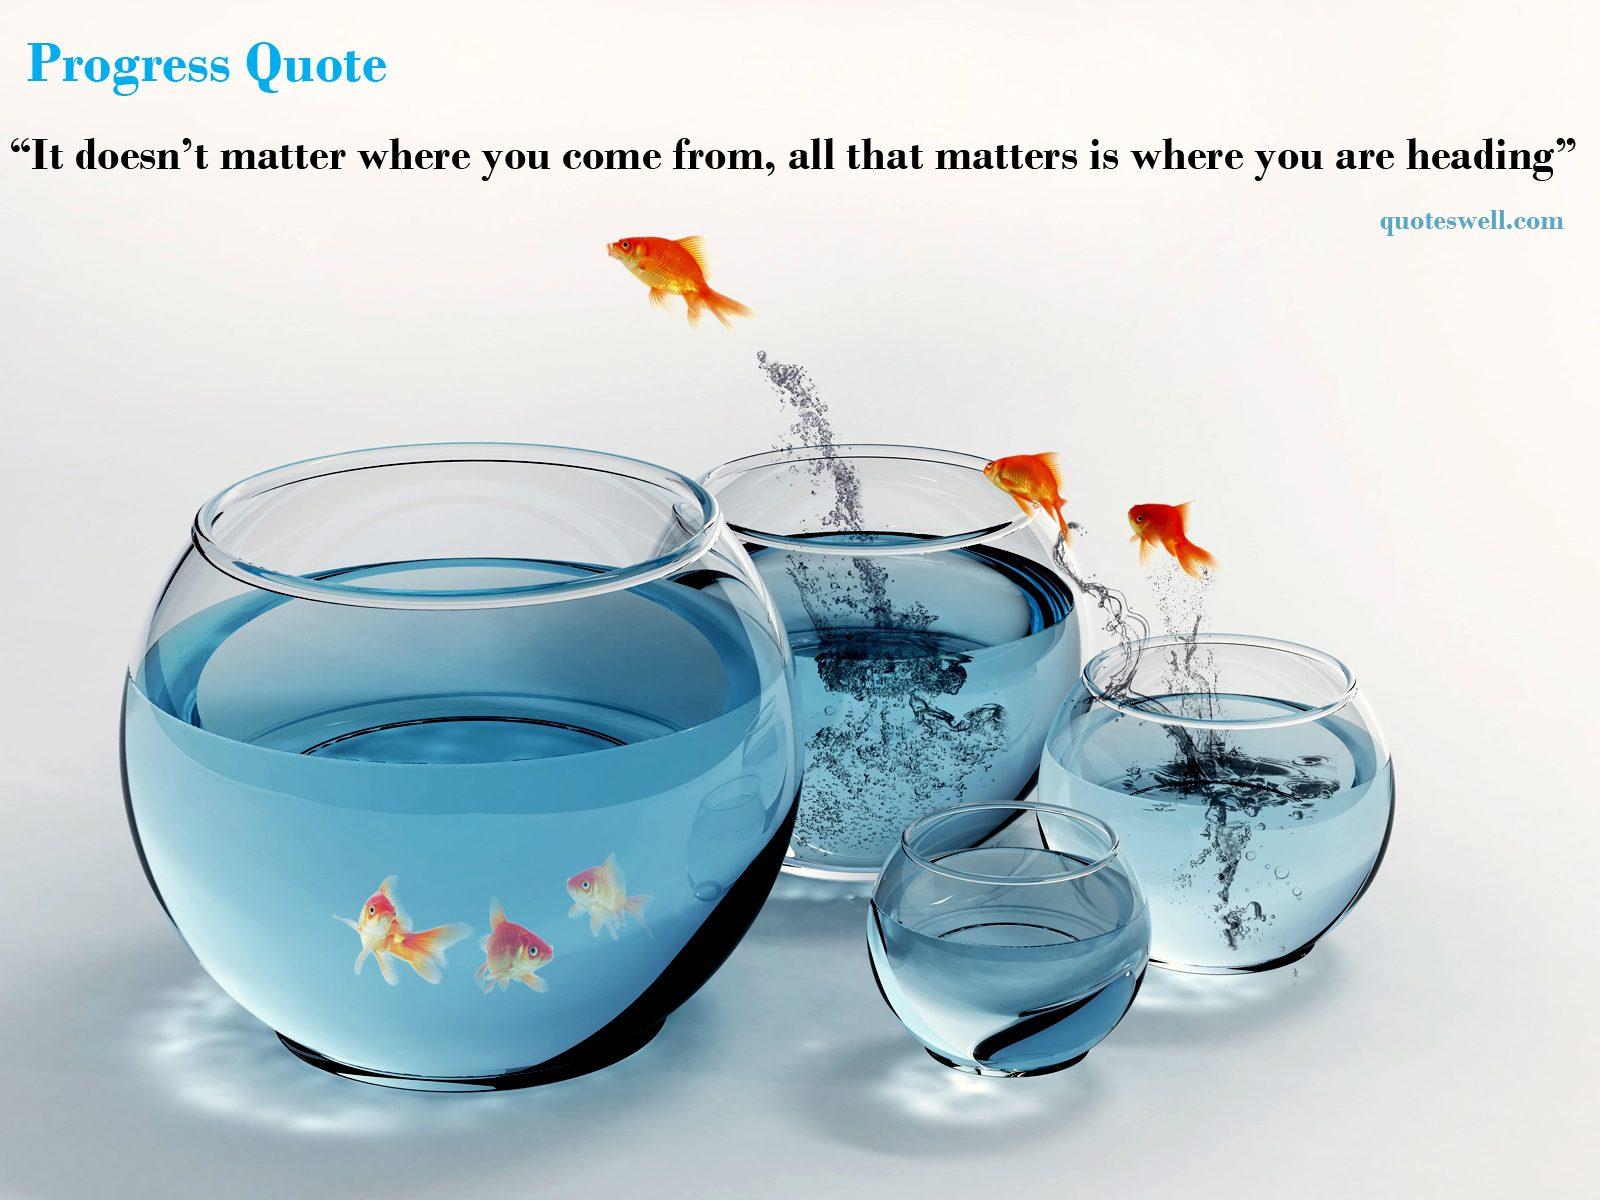 Progress quote #2